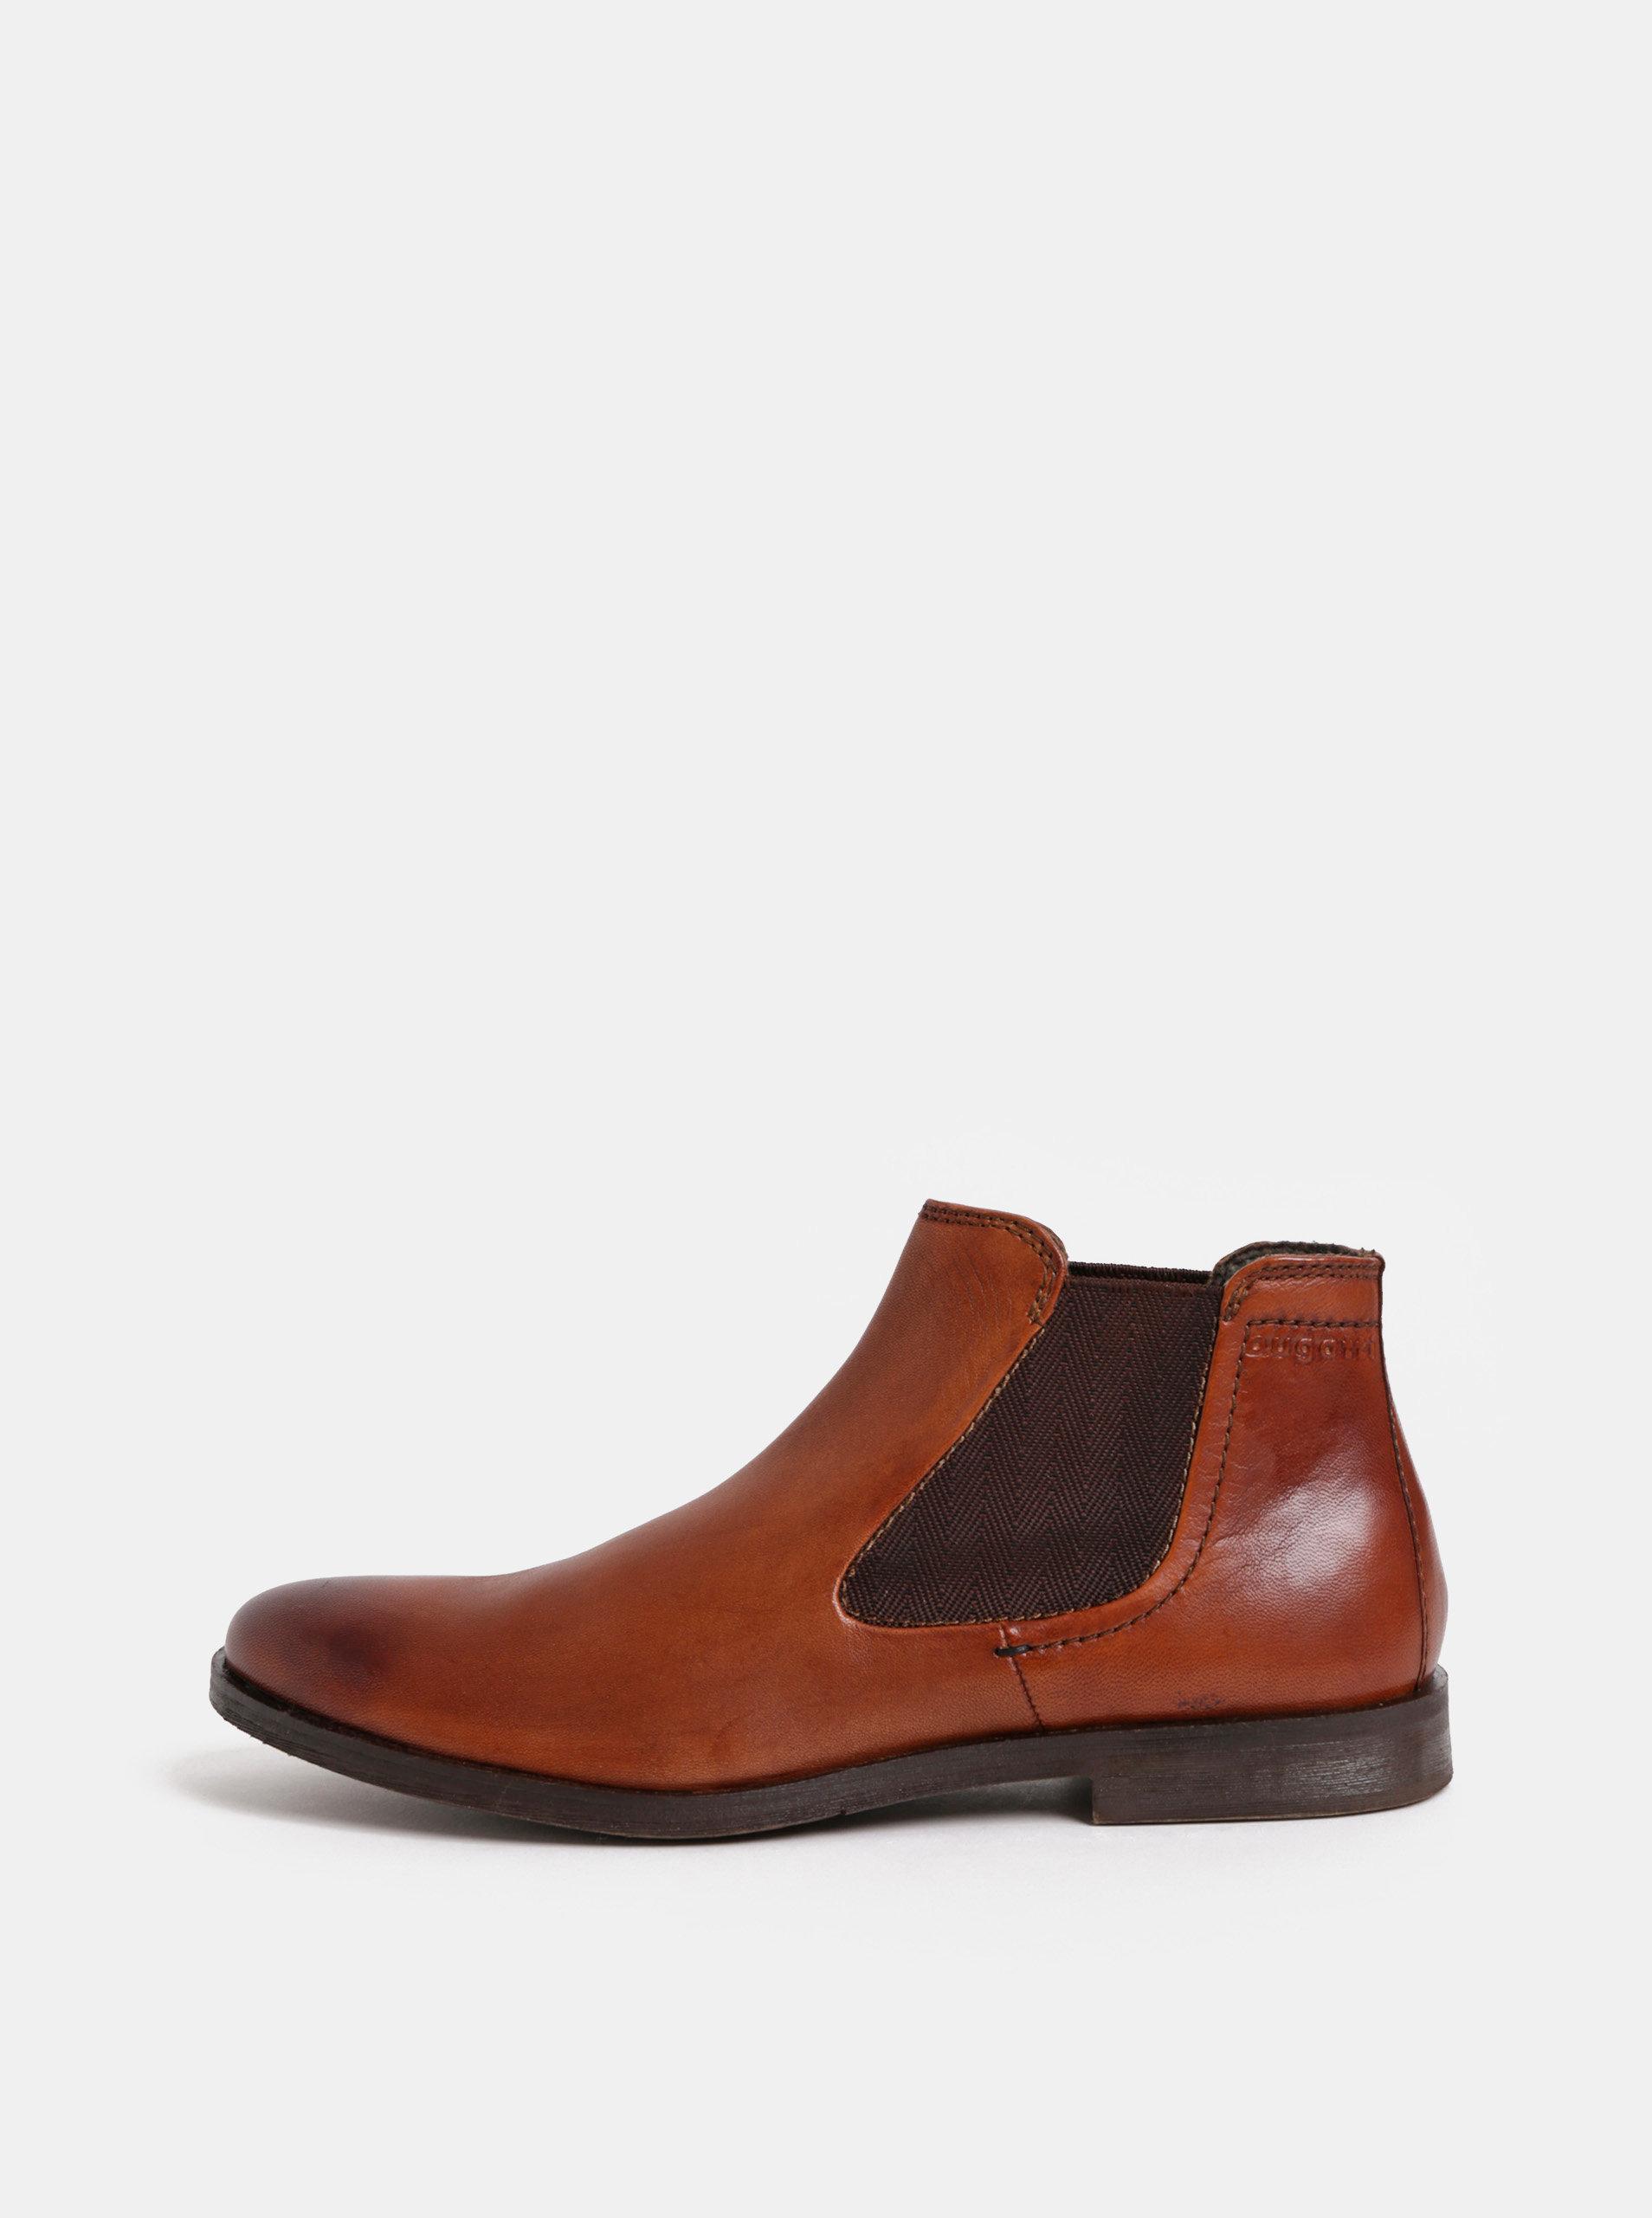 b45a489900cc Hnedé pánske kožené chelsea topánky bugatti Abramo ...